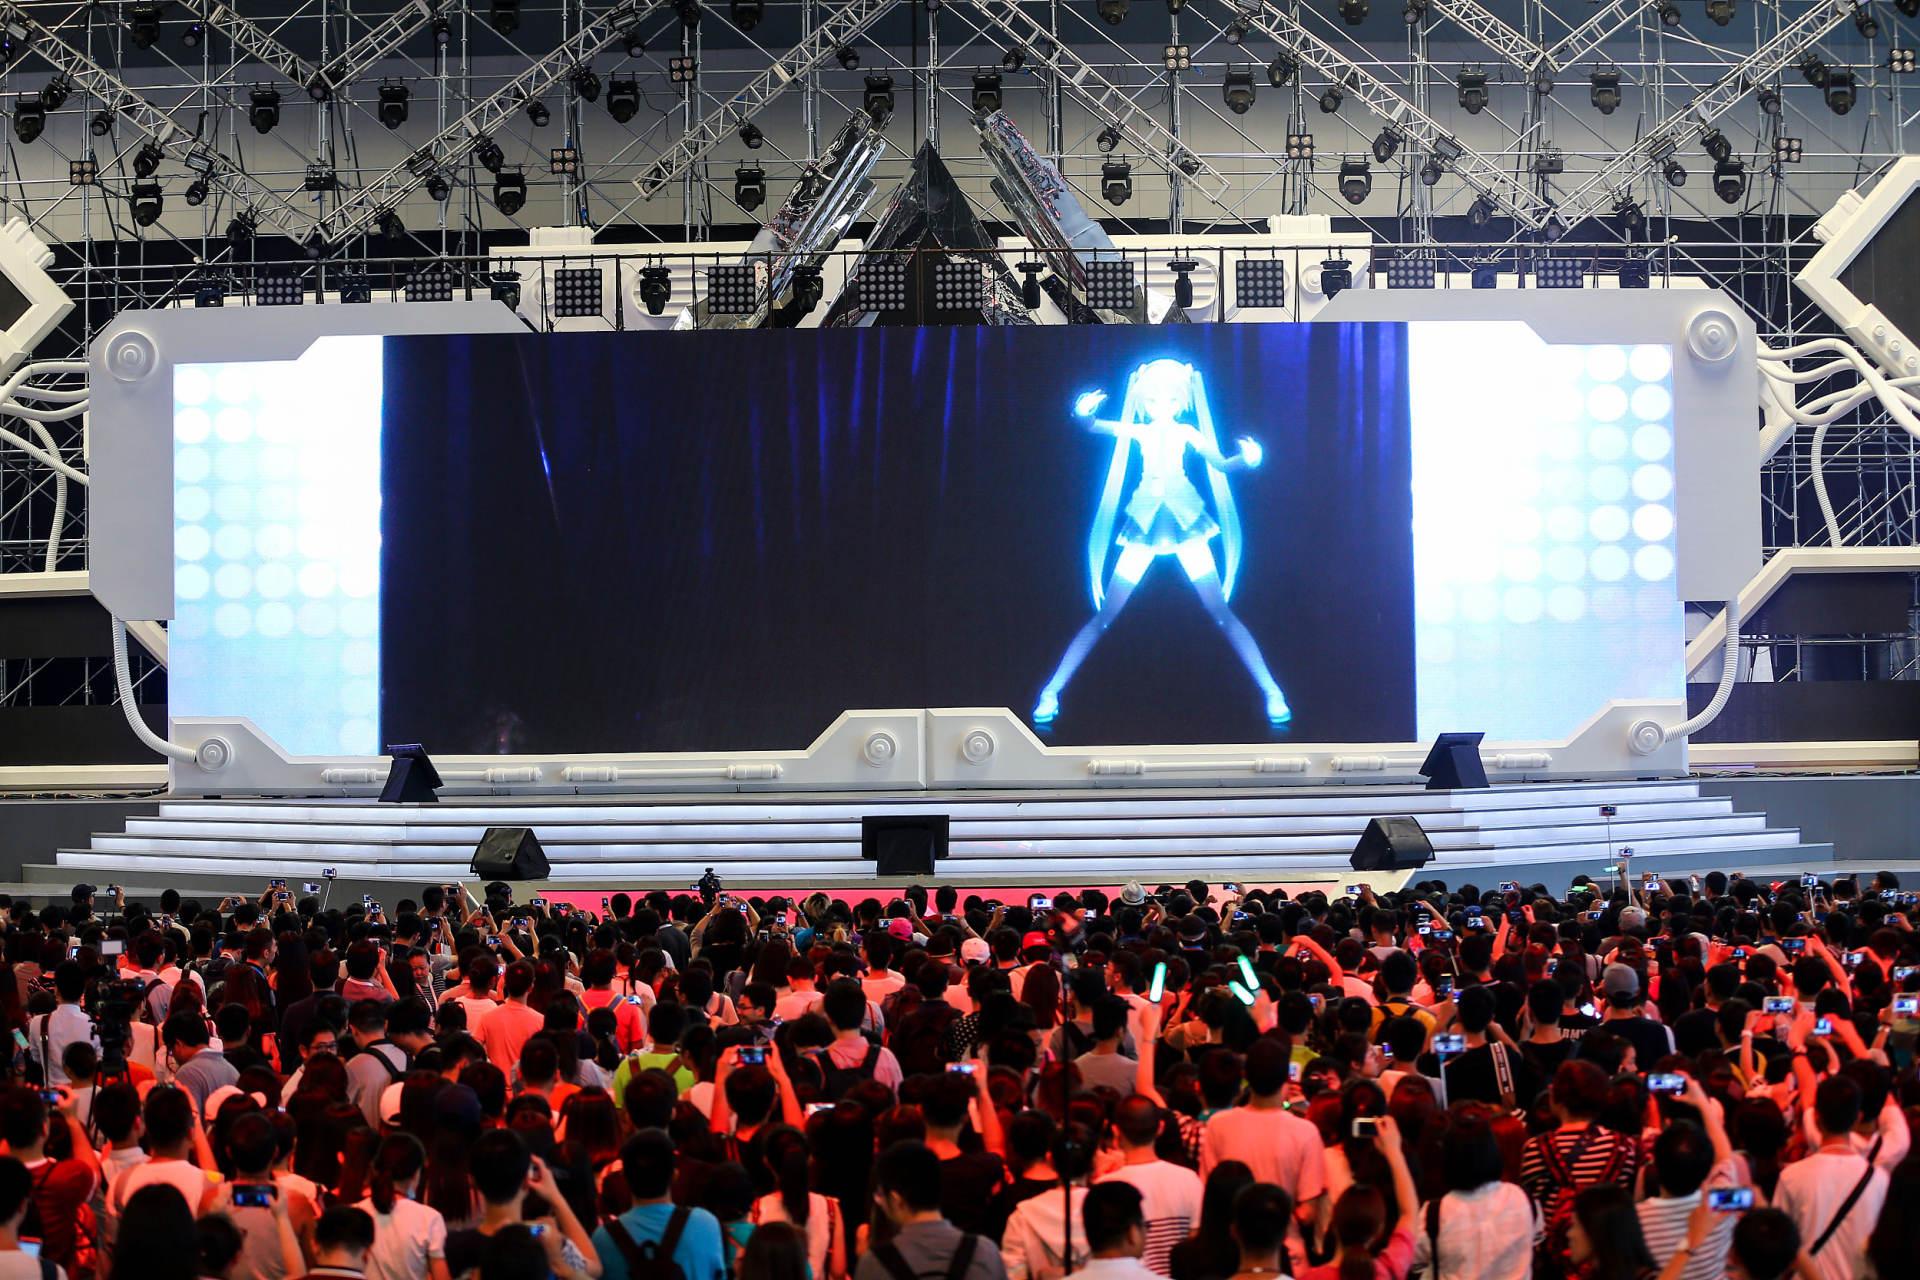 虚拟偶像舞台表演